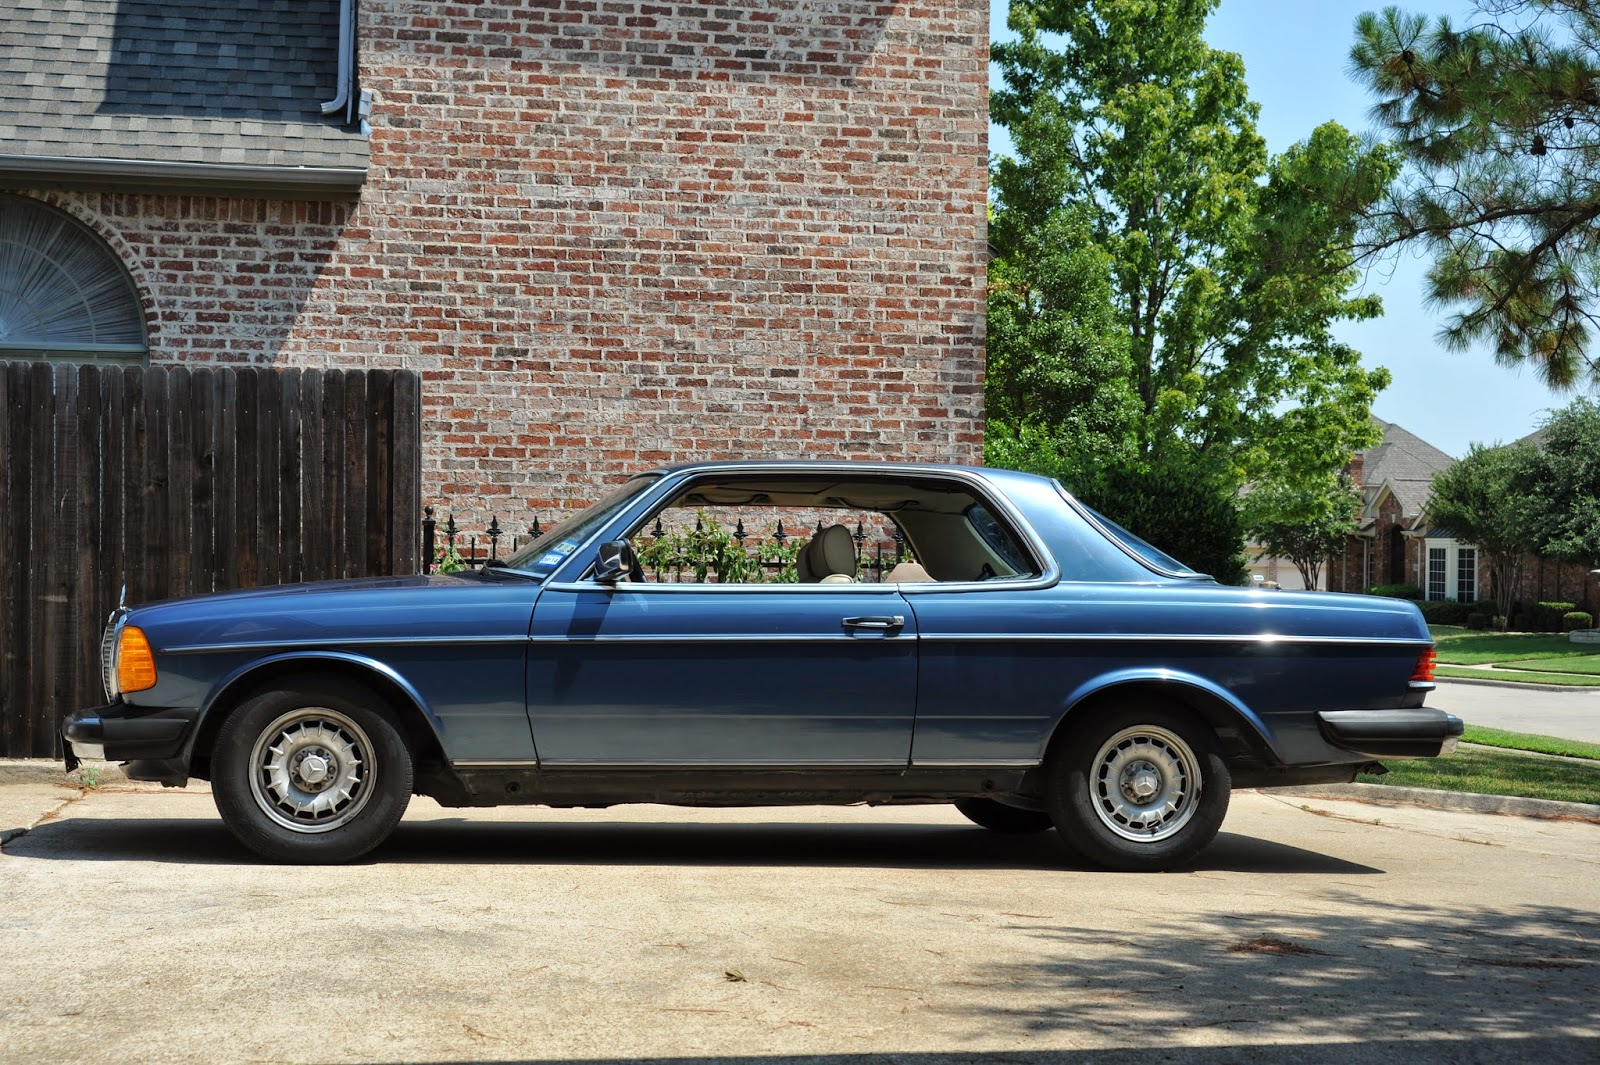 old man car blog 1985 mercedes benz w123 280ce coupe. Black Bedroom Furniture Sets. Home Design Ideas